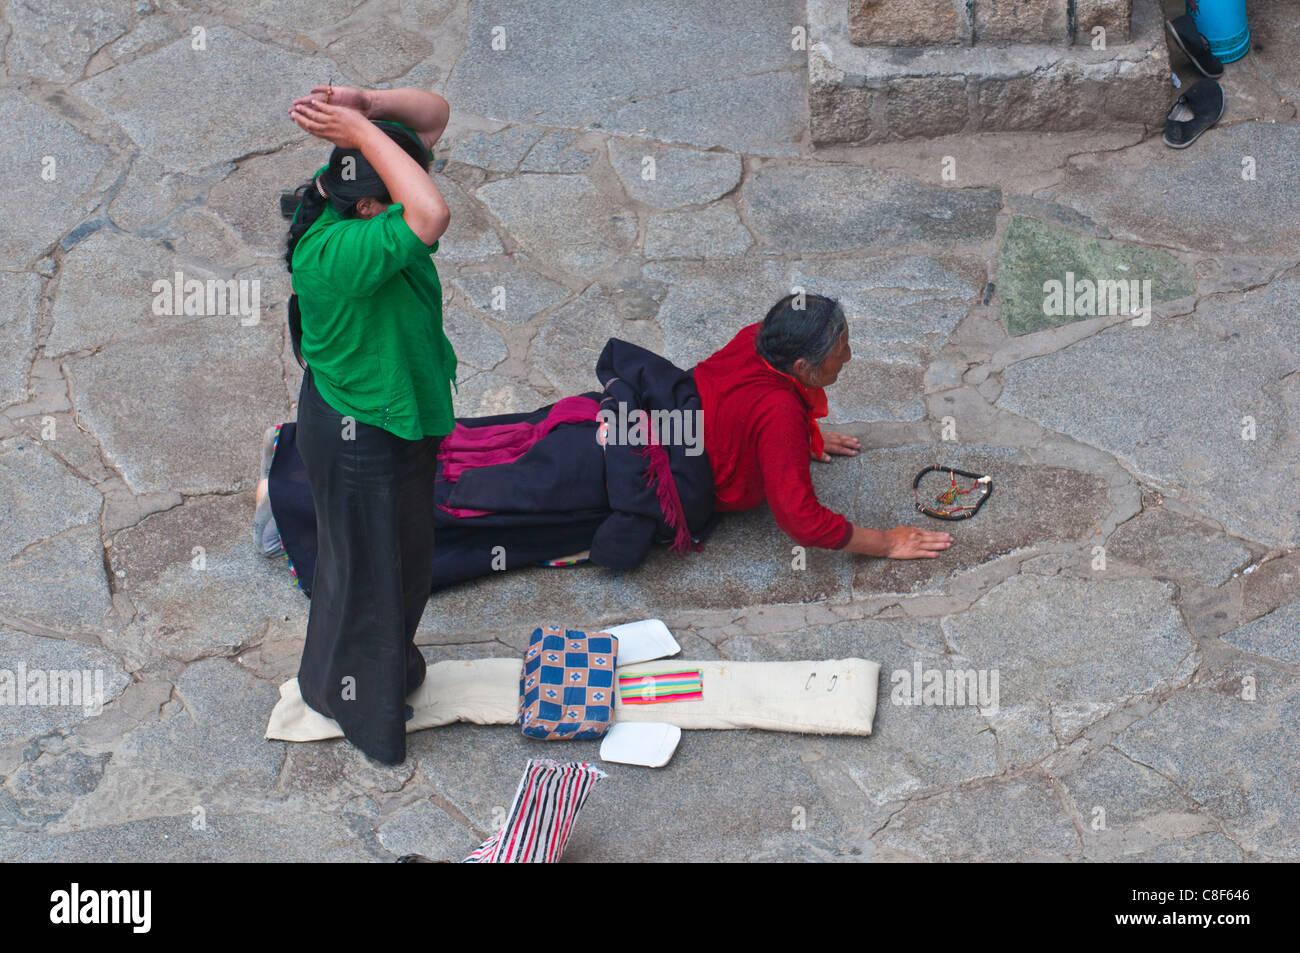 Pilgrims praying before the Jokhang Temple in Lhasa, Tibet, China - Stock Image